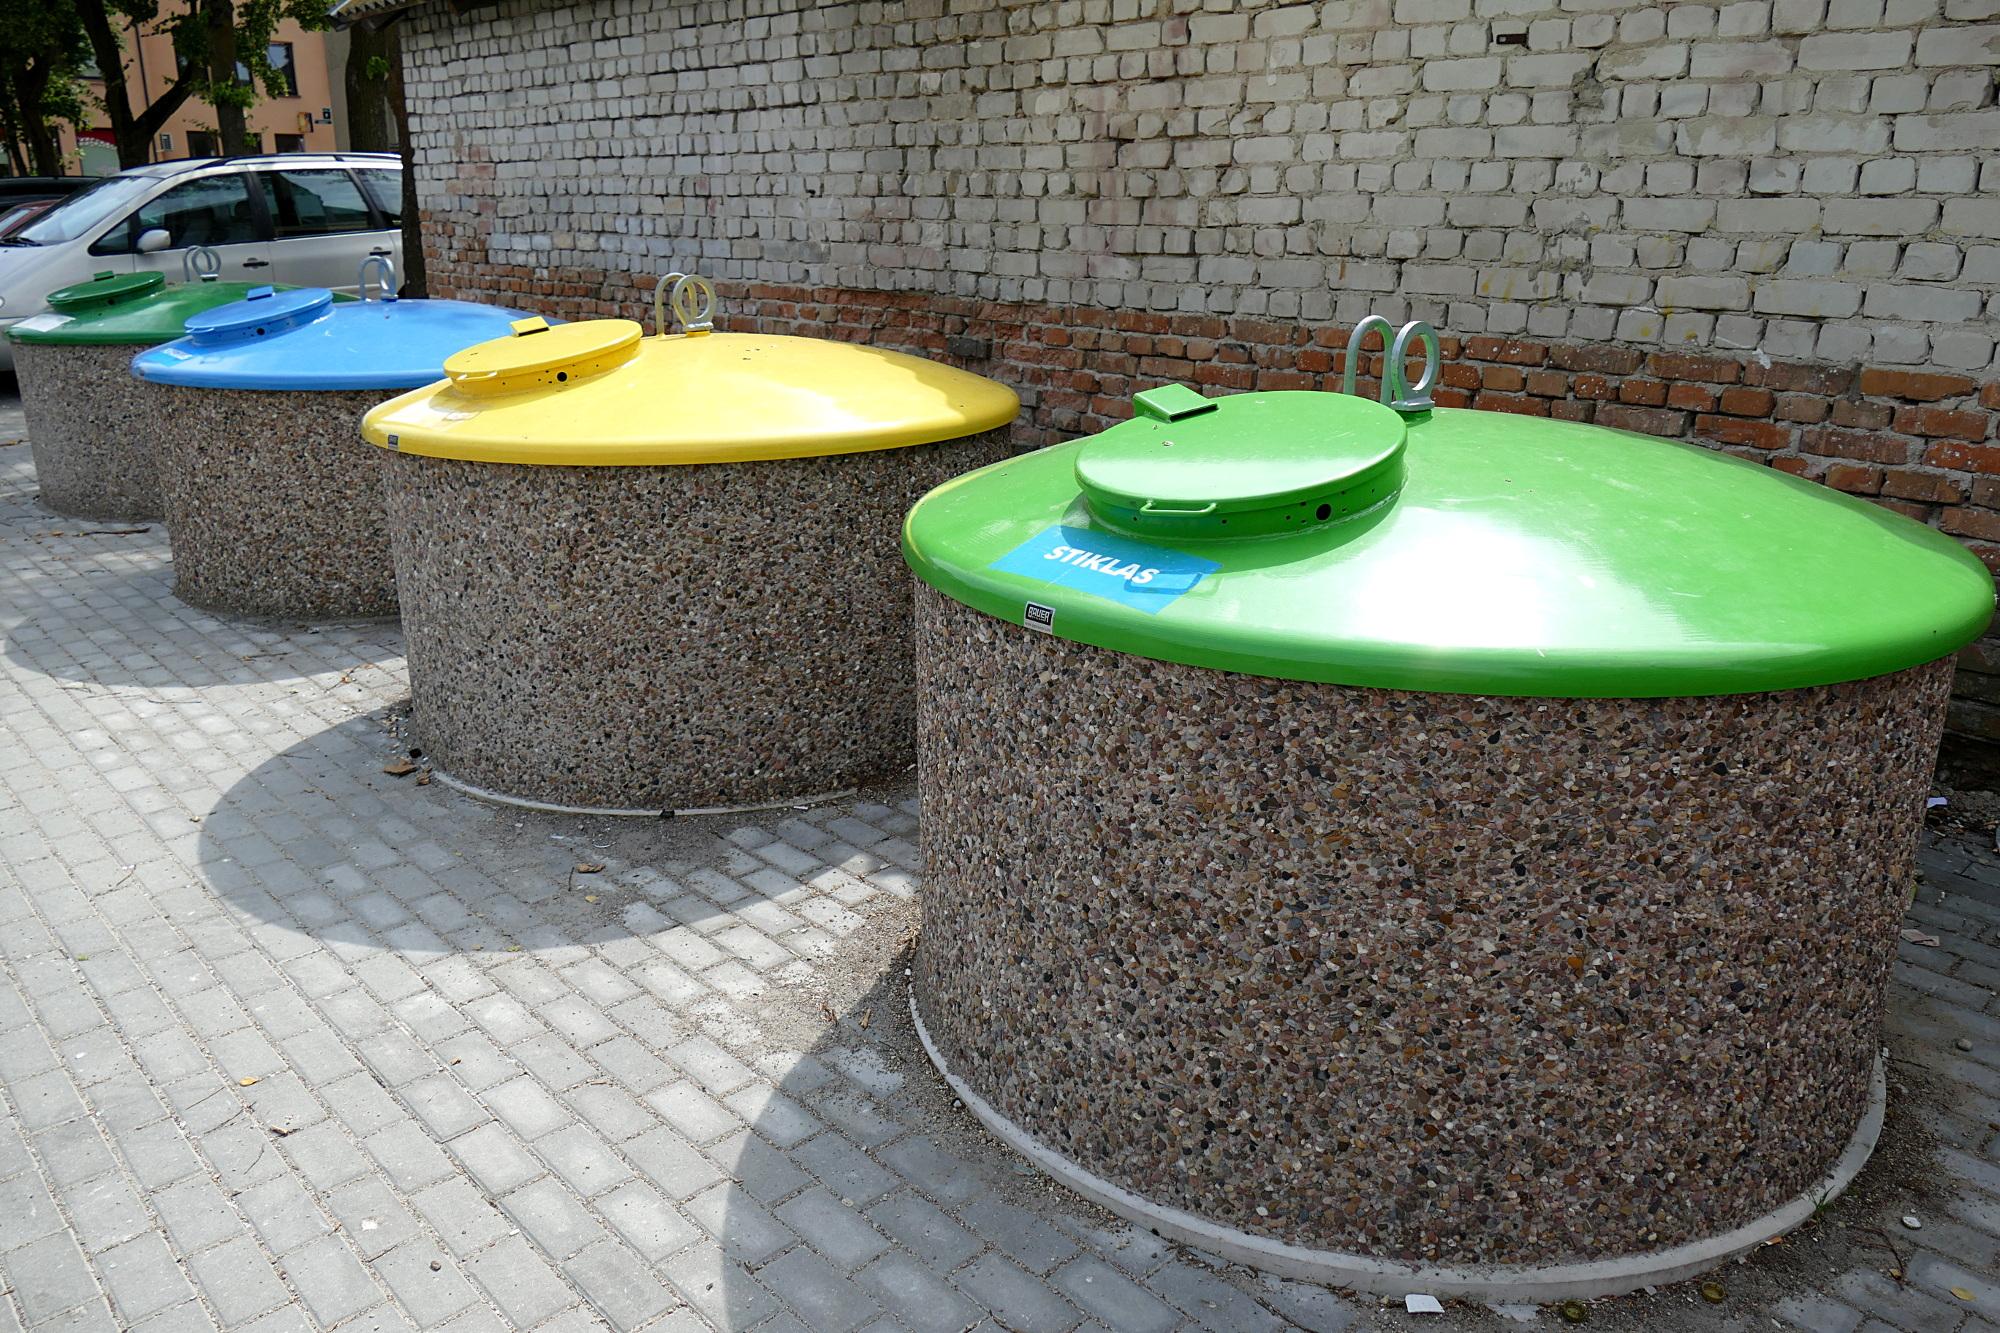 Šiuo metu naujausia pusiau požeminių rūšiavimui skirtų buitinių atliekų aikštelė įrengta Eglių gatvėje Šilutėje.